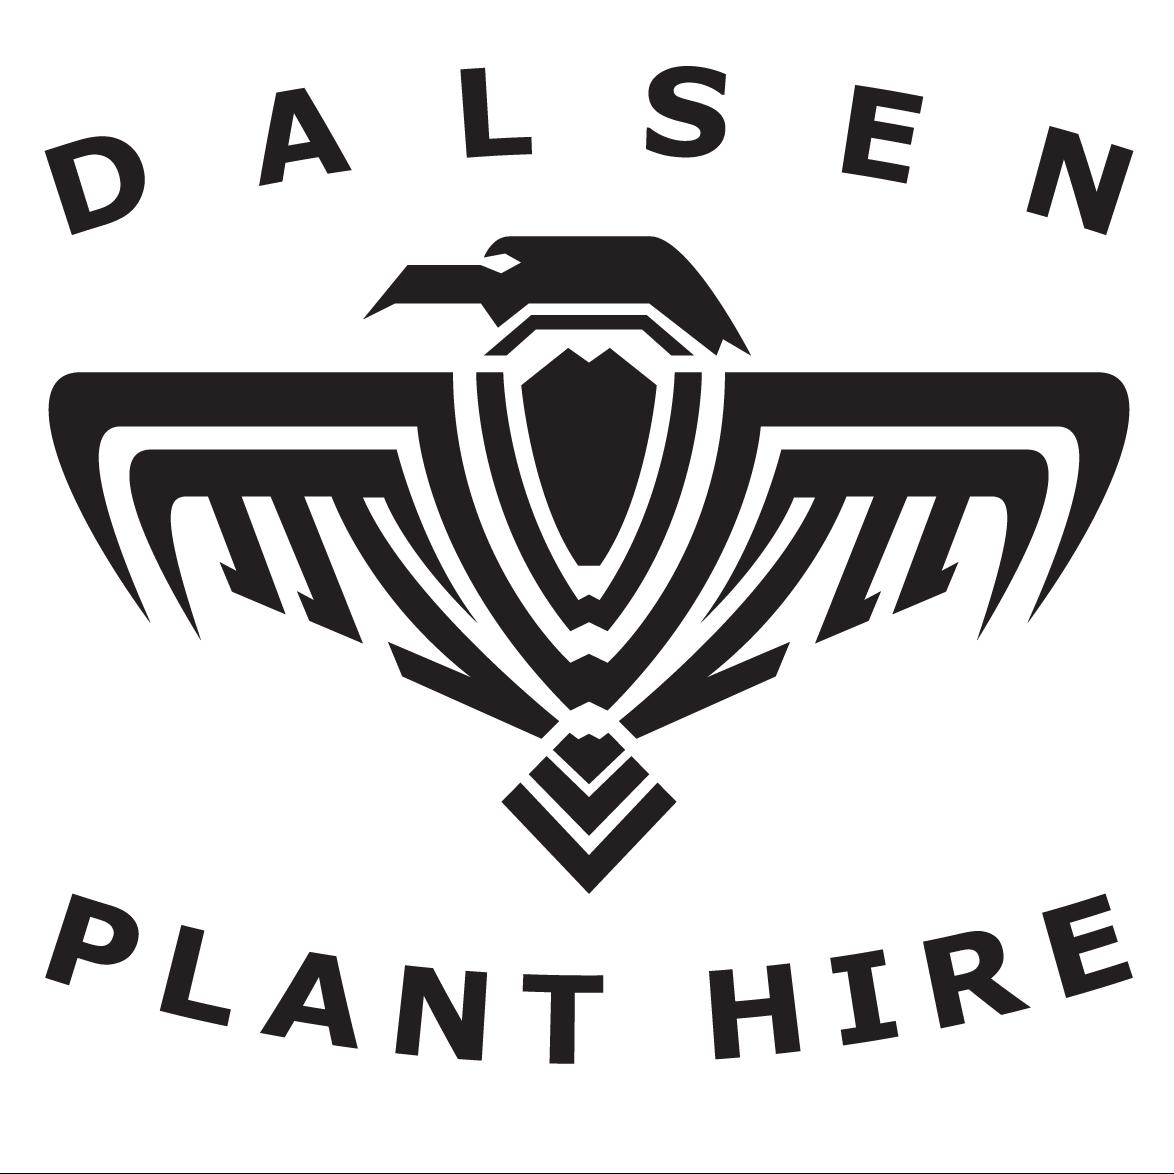 Dalsen Plant Hire